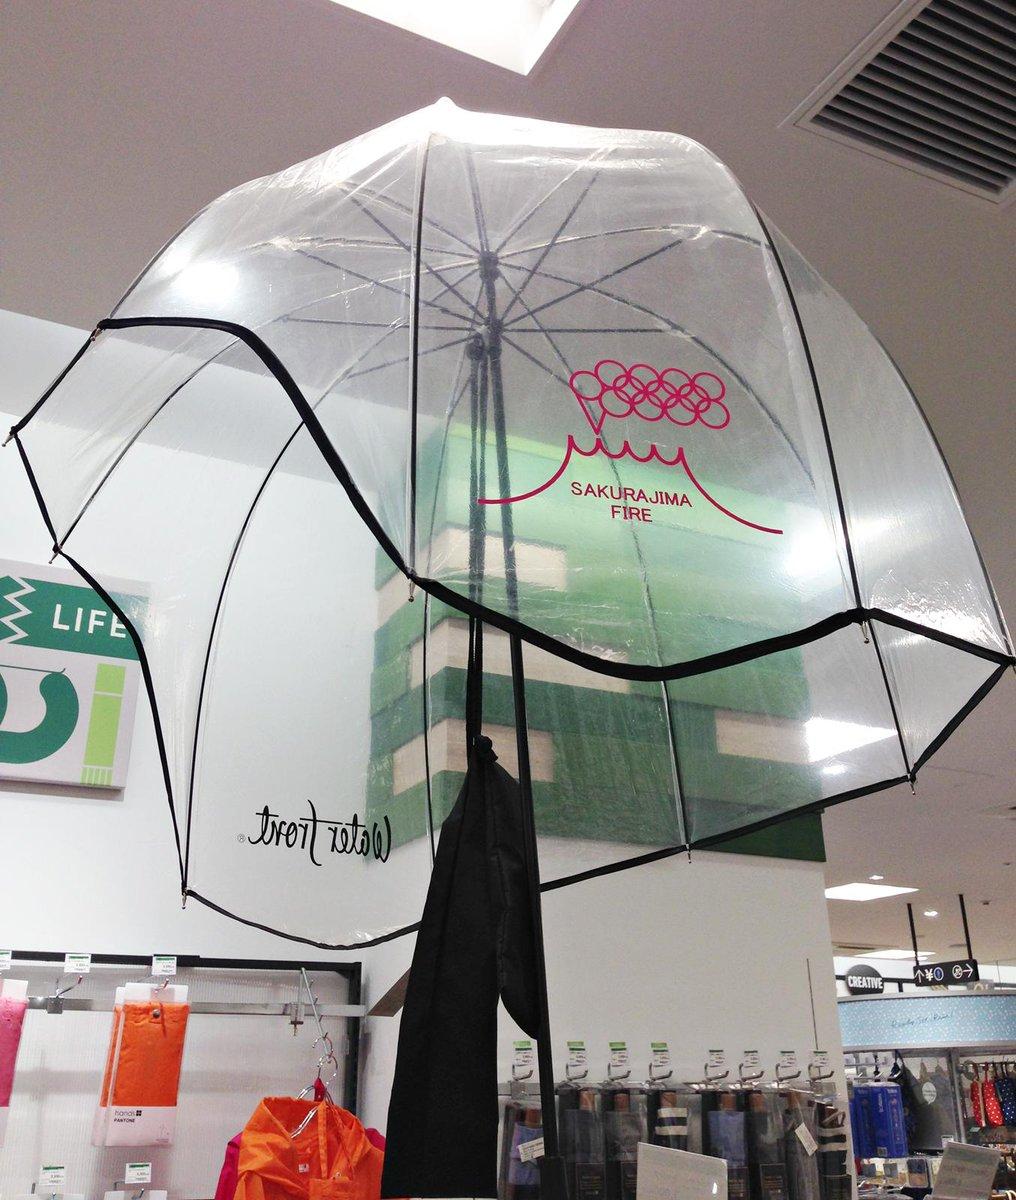 鹿児島店で発見しました!肩までスッポリ入っちゃう傘!その名も【桜島ファイヤー】1,000円+税。鹿児島店だけの販売です!鹿児島店へお越しの際はぜひ!(´>∀<`)♪(しまー) http://t.co/ydI0o60NG1